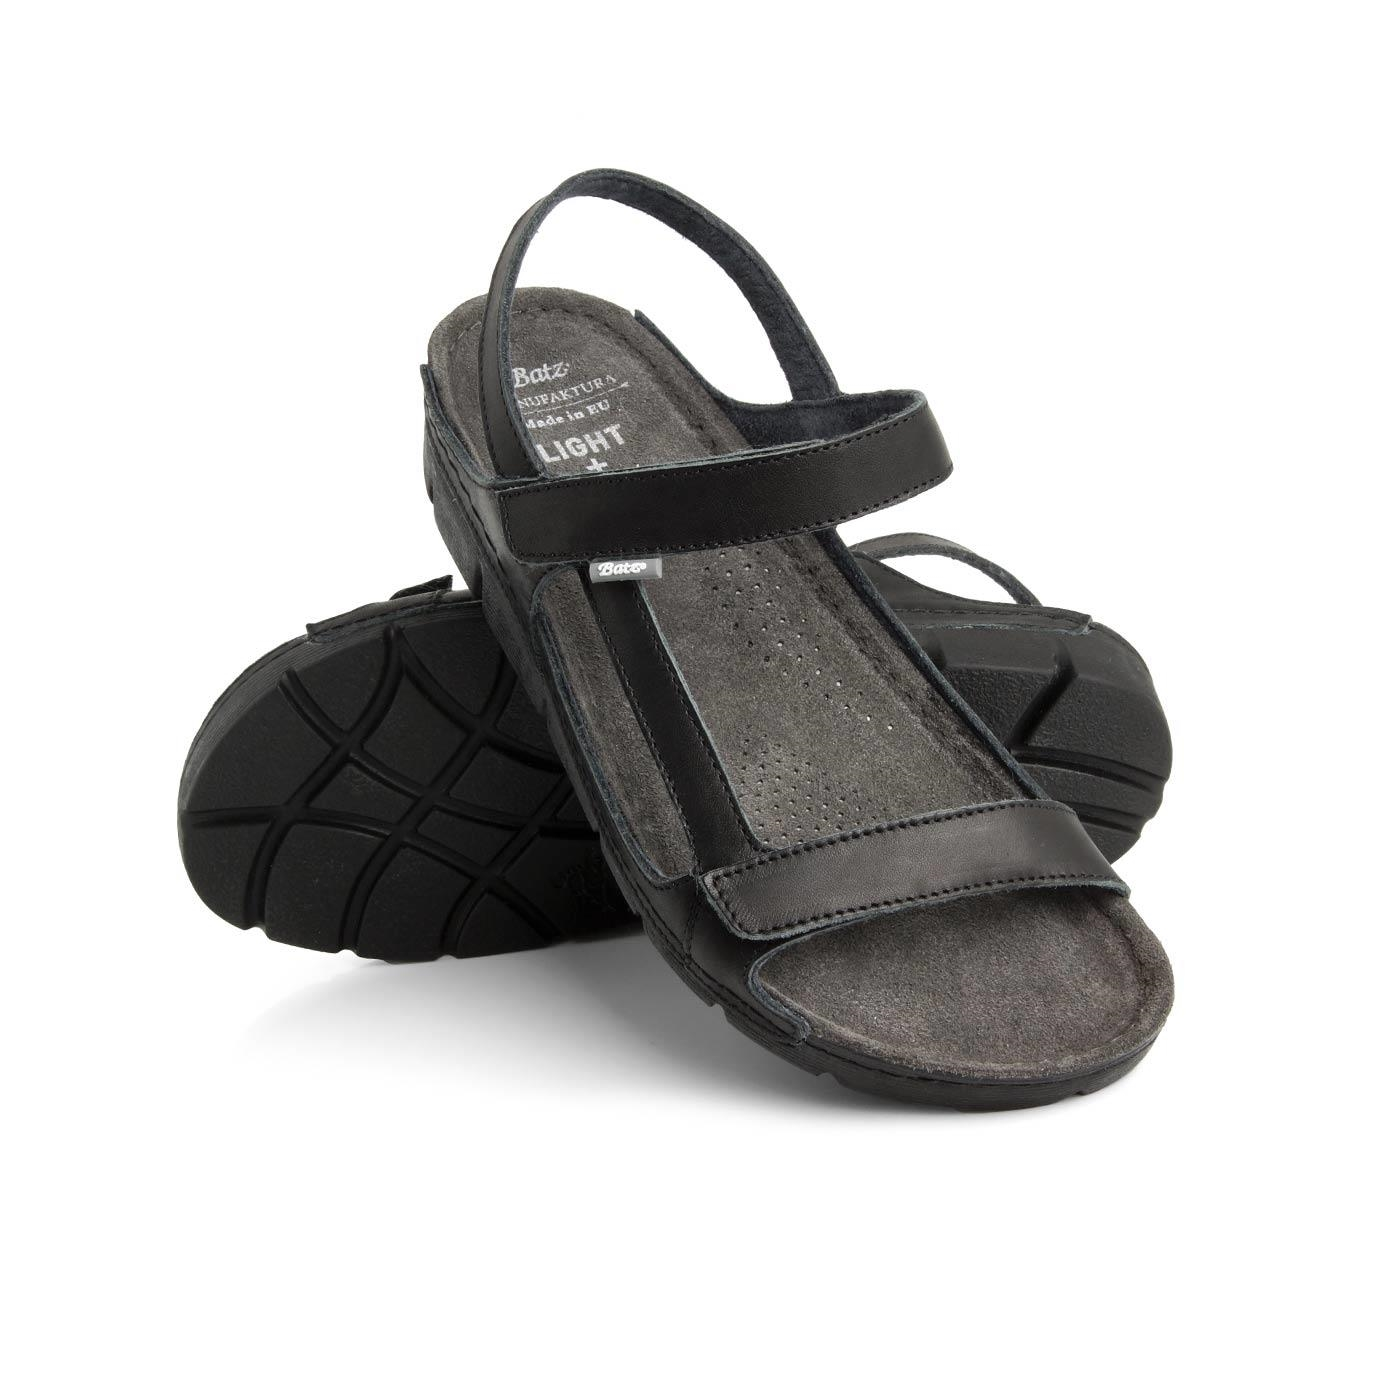 c0681839f Batz Batz dámské zdravotní sandály Terka Black 36 36